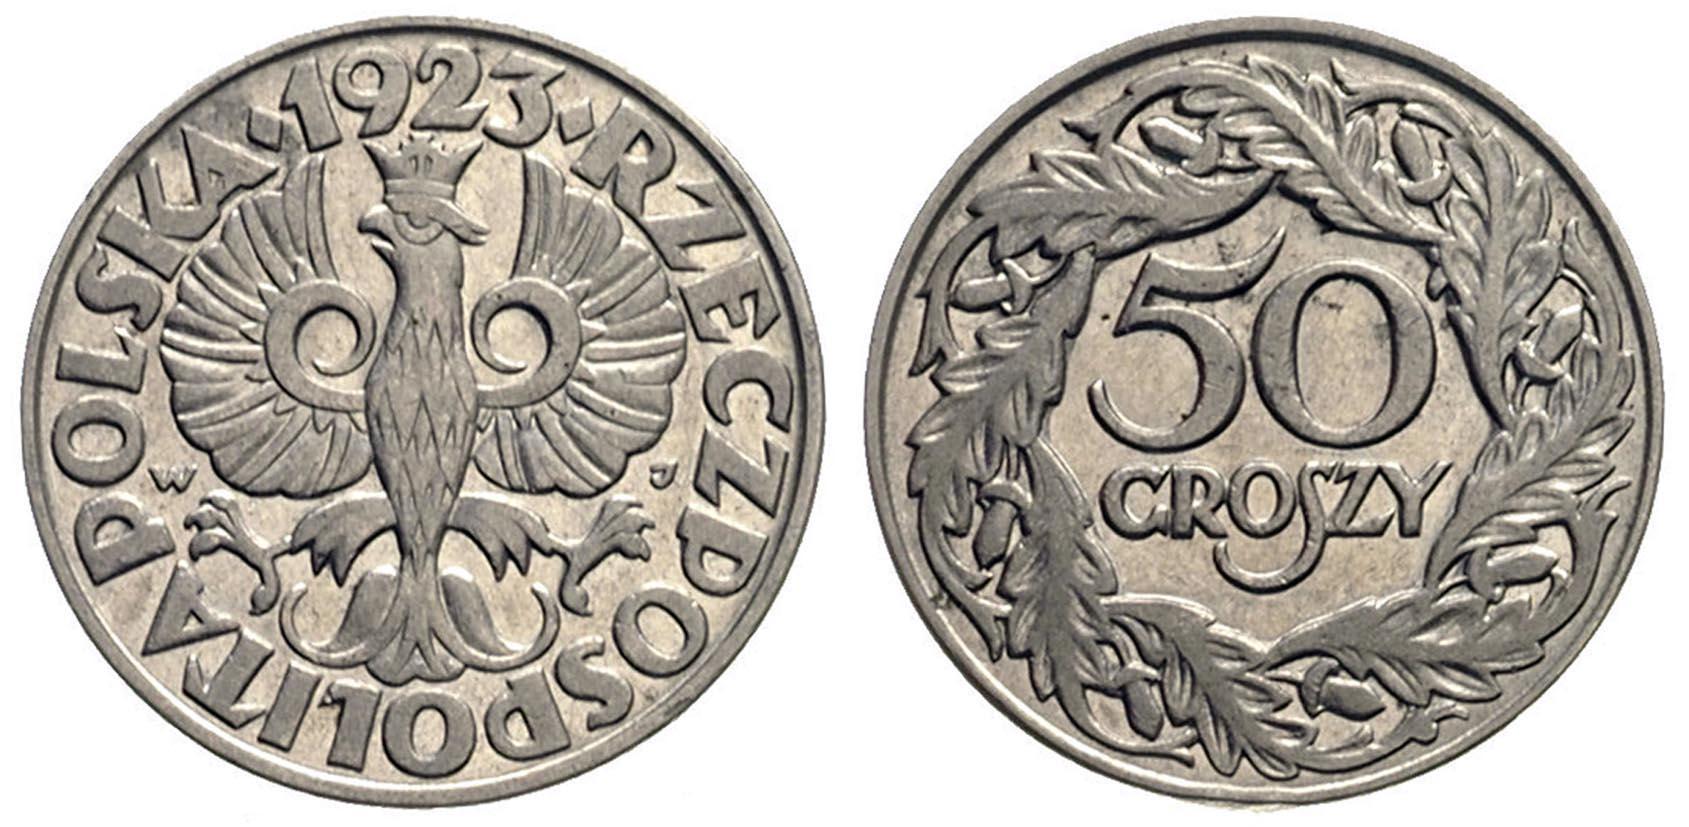 Купить монету польский 50 грошей в минске цена в долорах смотреть поиски с металлоискателем